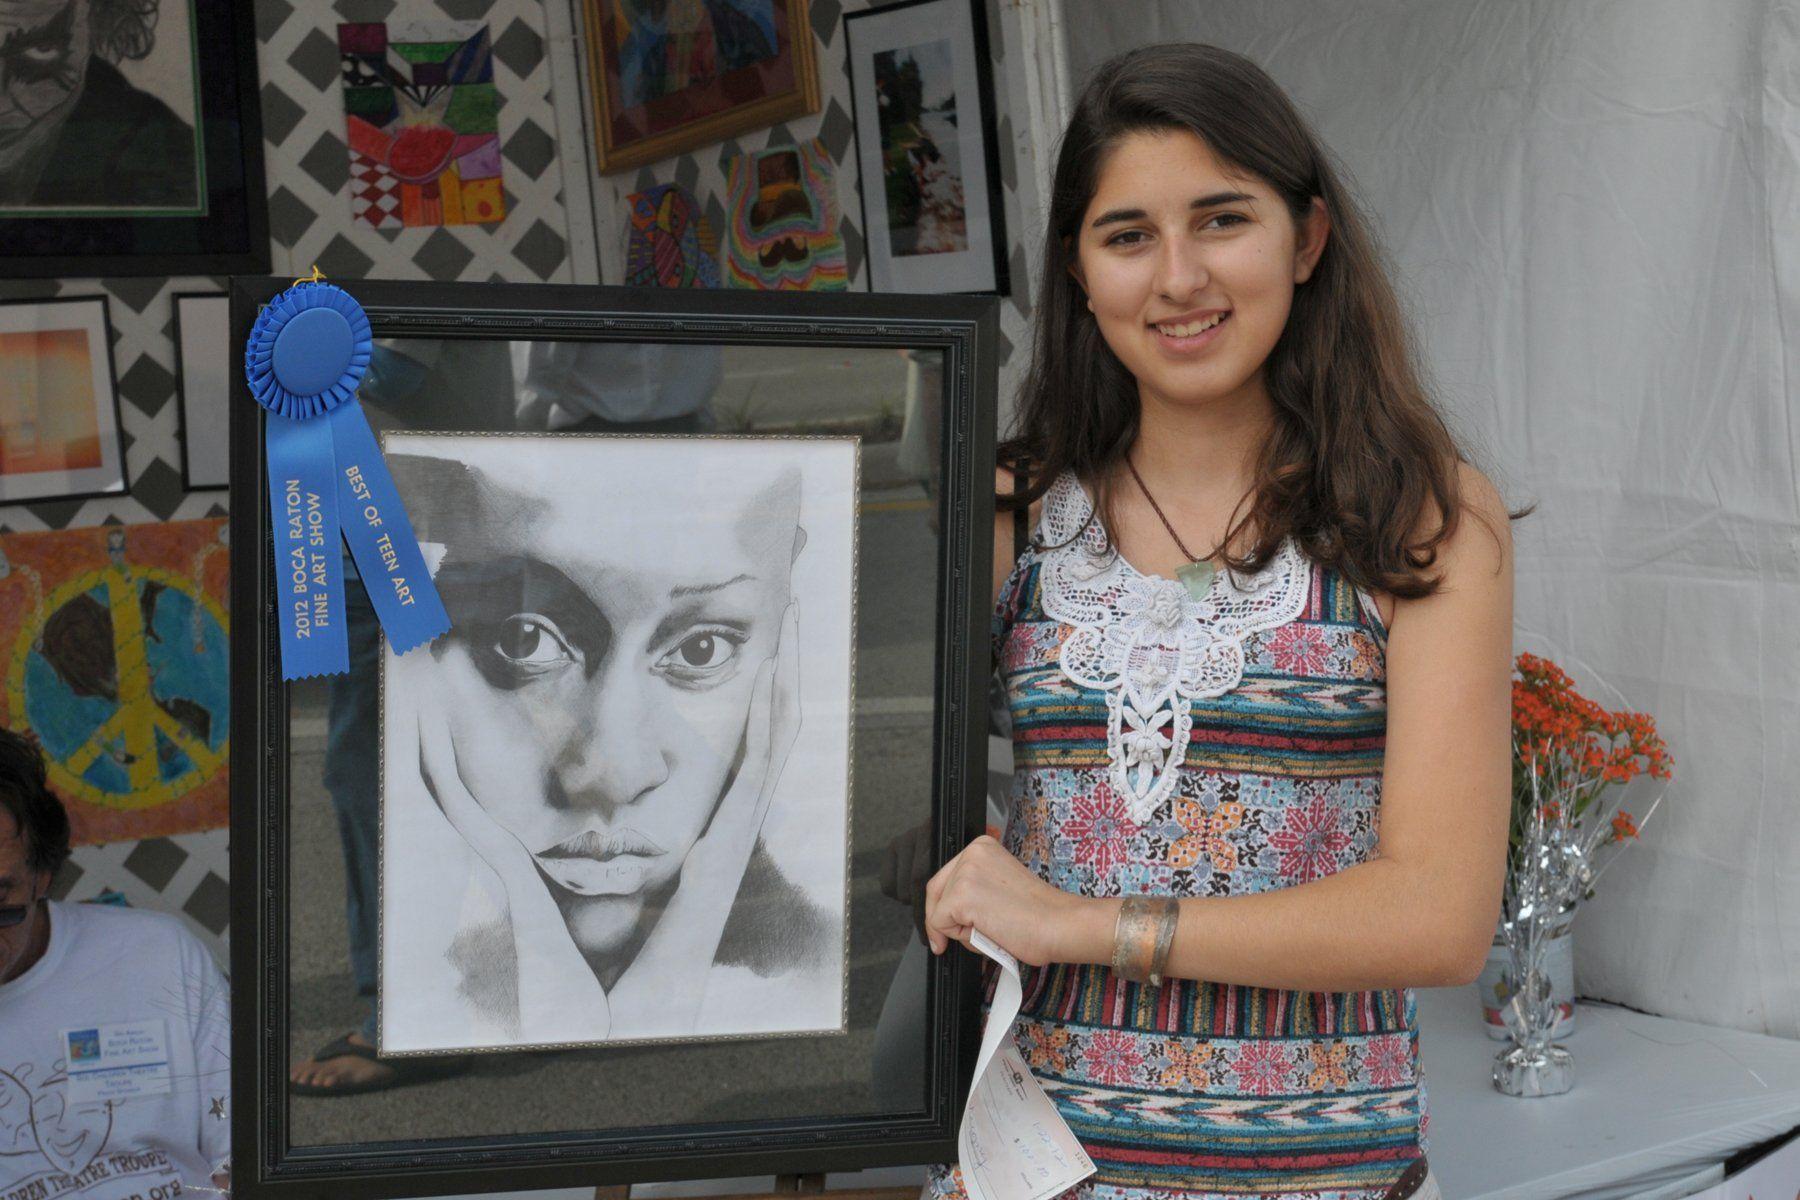 Girls teen art photos